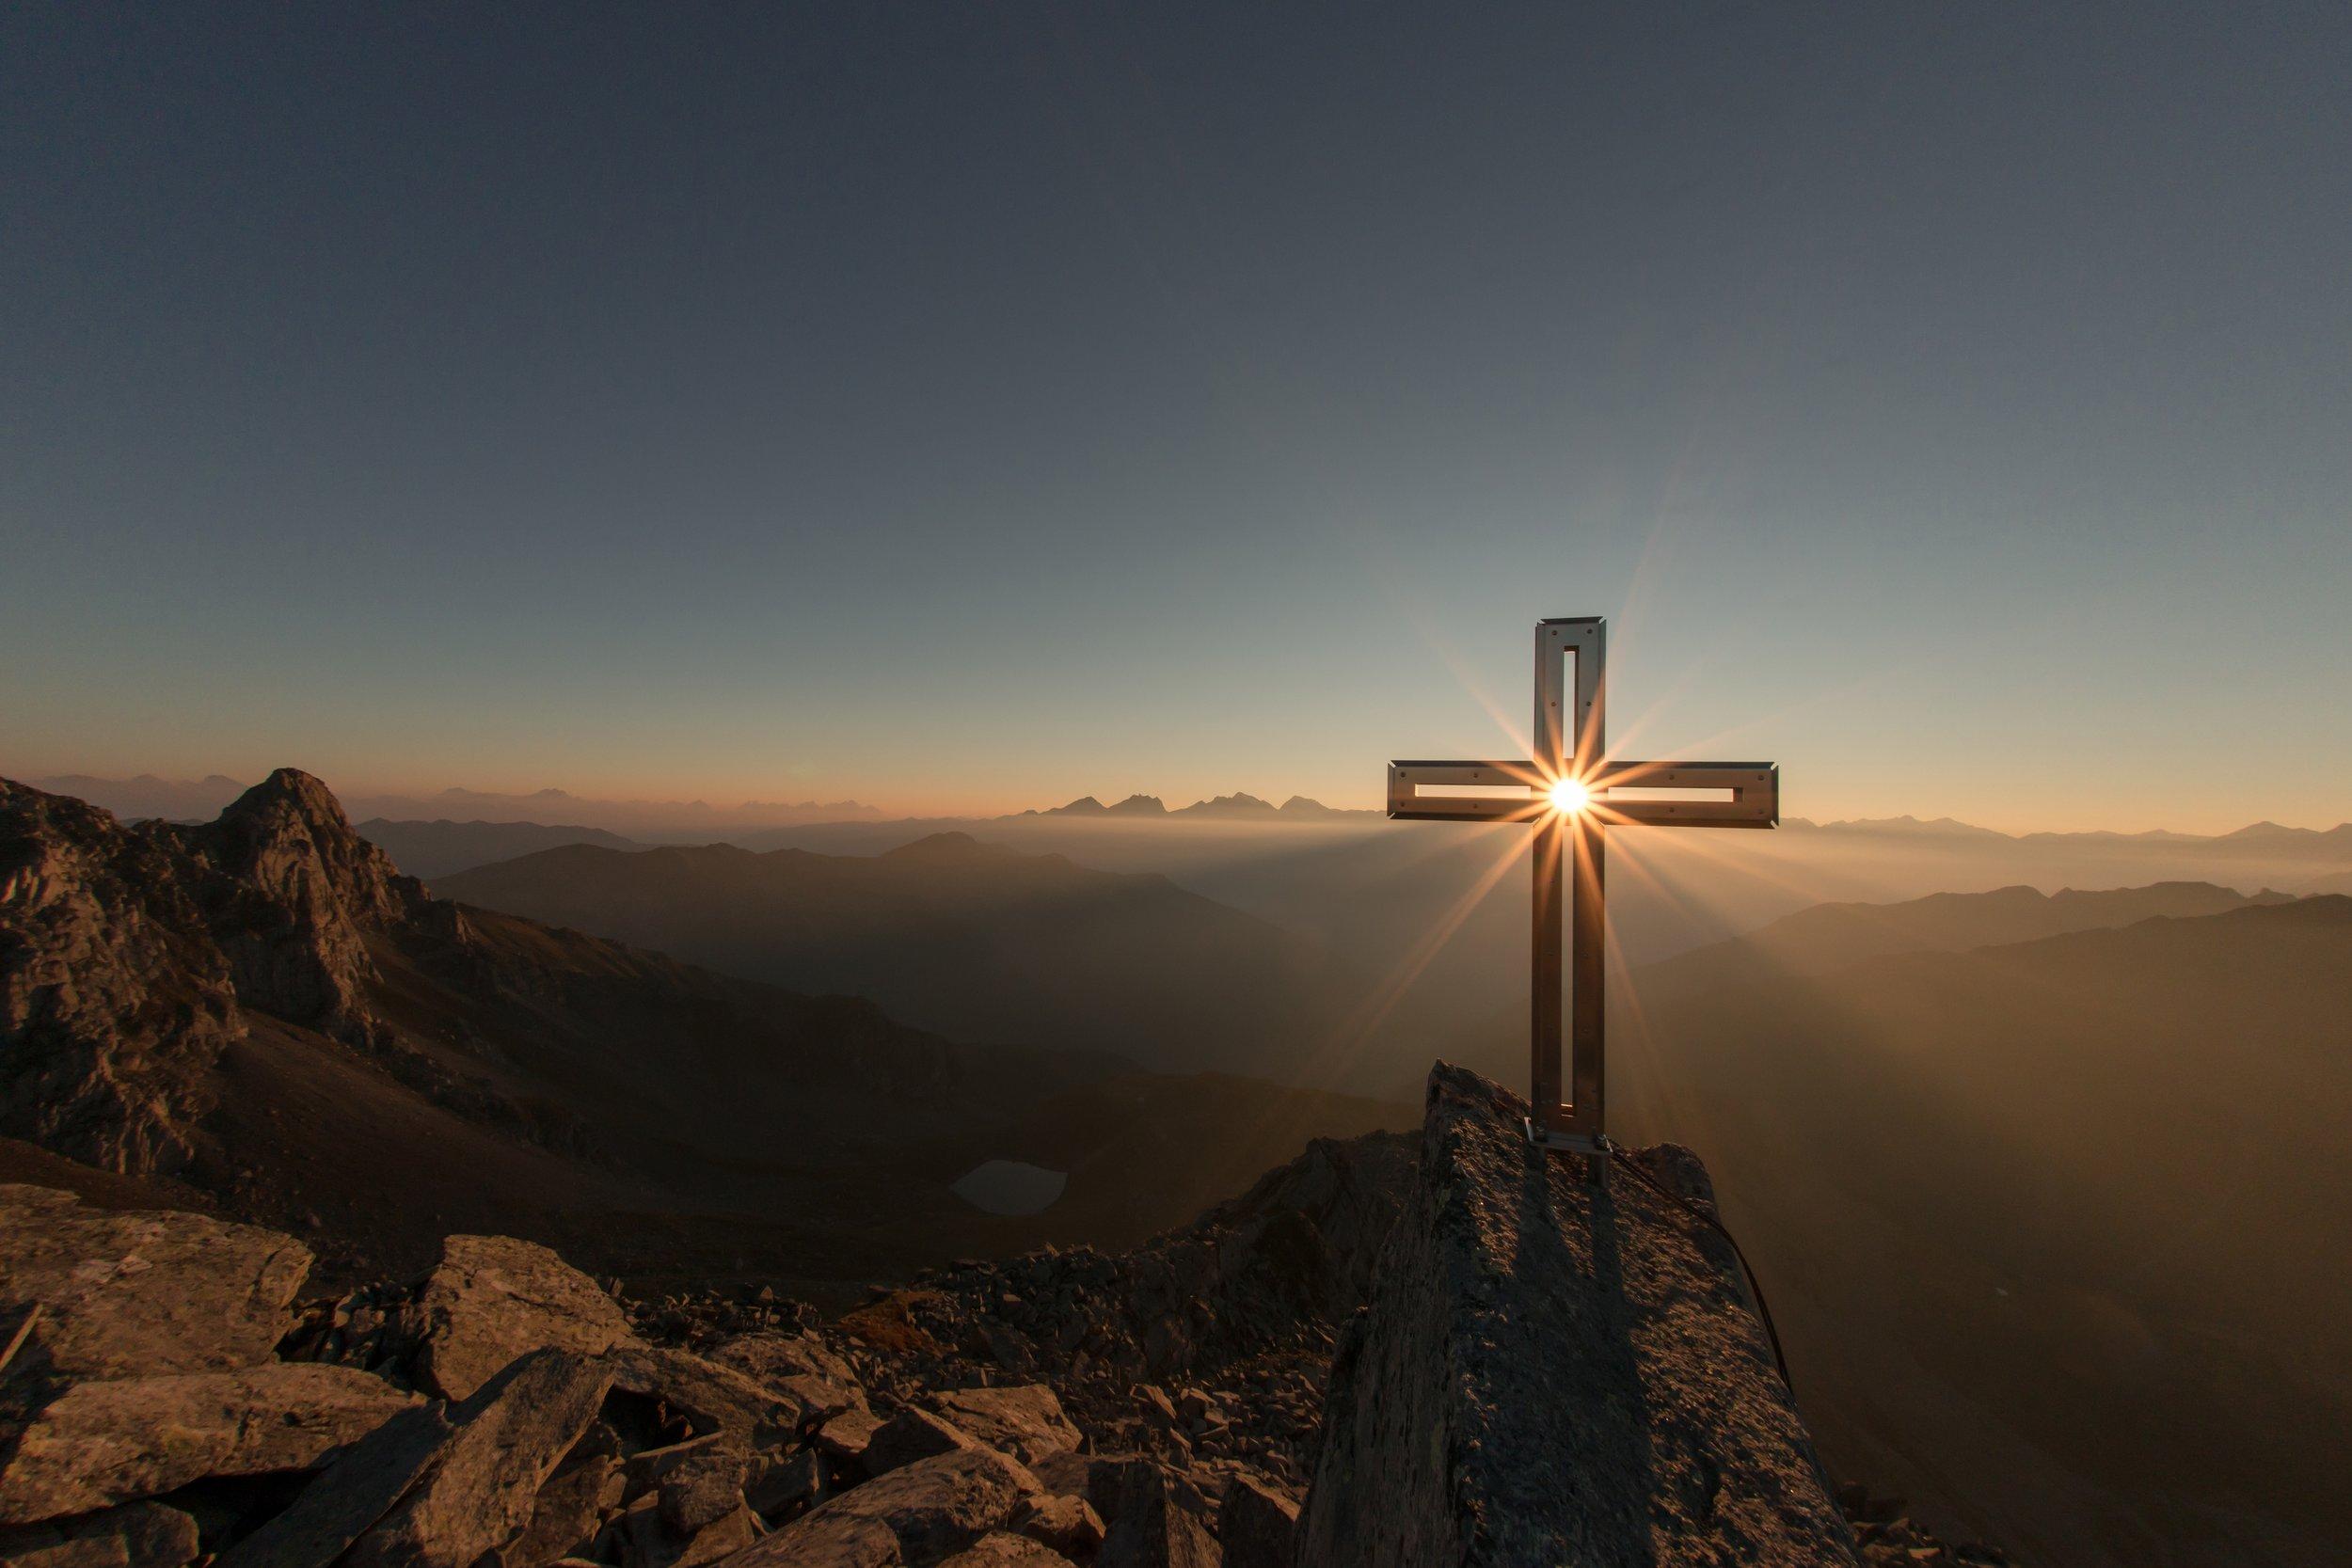 Cross on Mountaintop Sunset